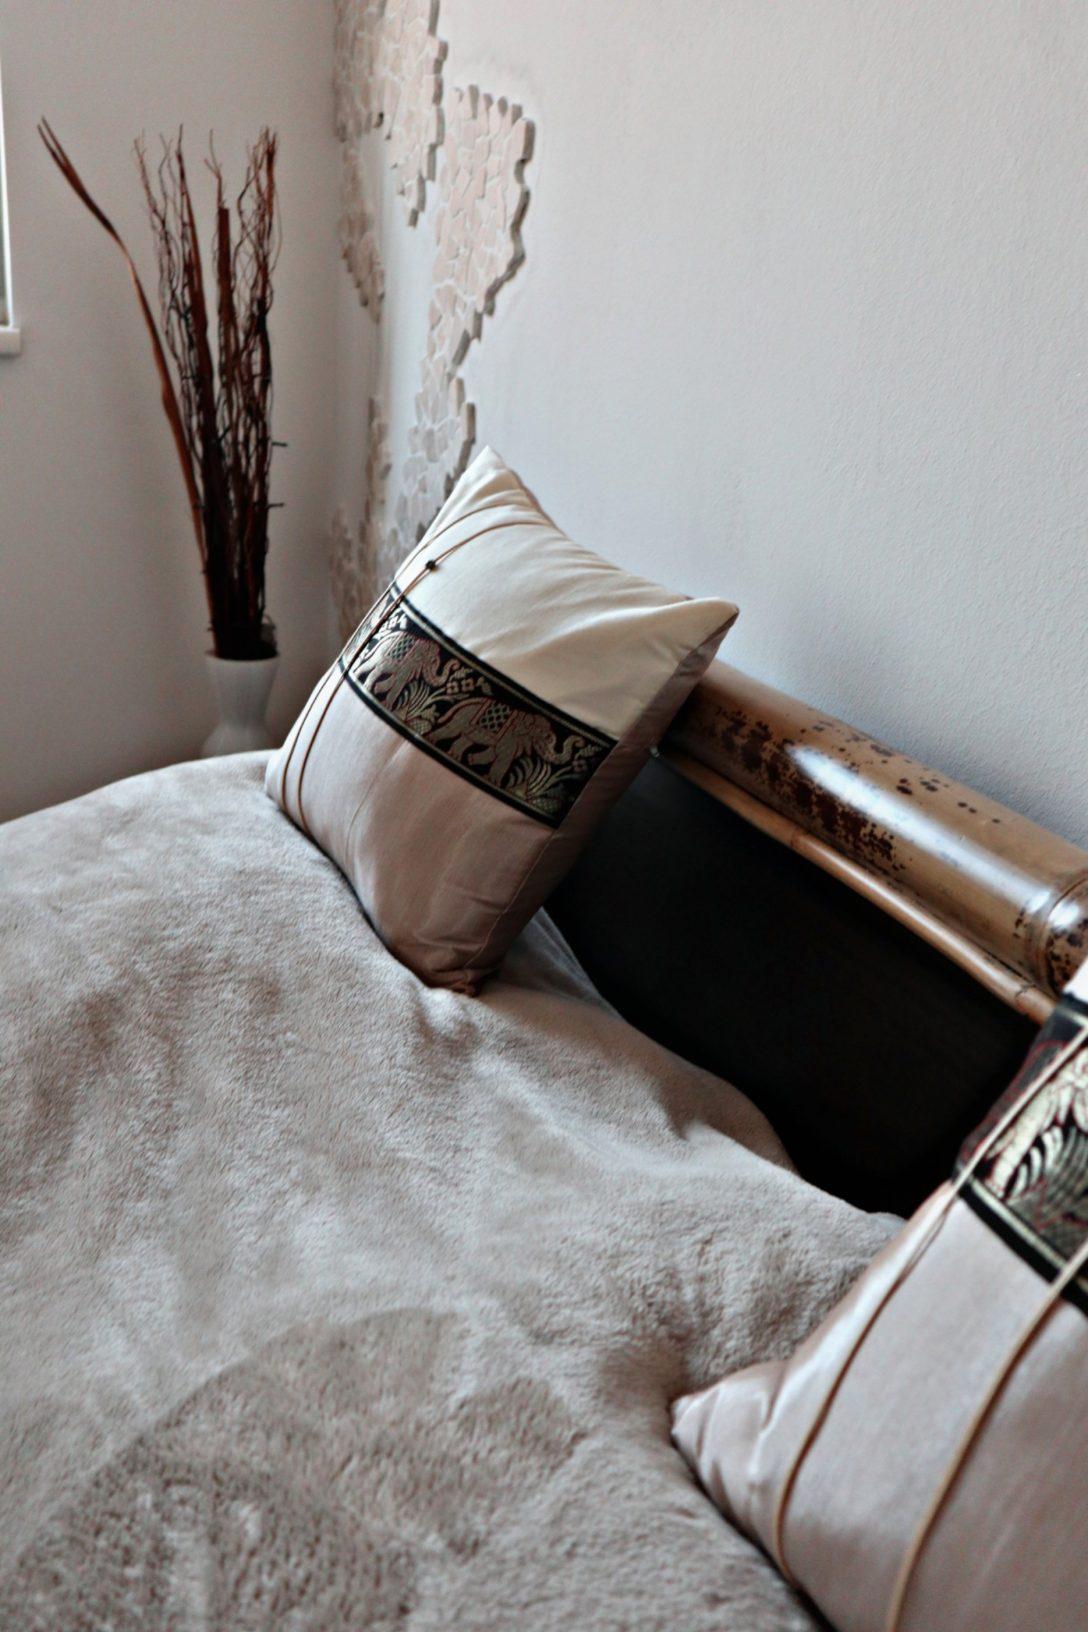 Large Size of Welche Lampen Passen Zu Unserem Schlafzimmer View Of My Life Tapeten Gardinen Für Schränke Set Weiß Stuhl Günstig Komplett Truhe Deko Kommode Romantische Schlafzimmer Lampen Schlafzimmer